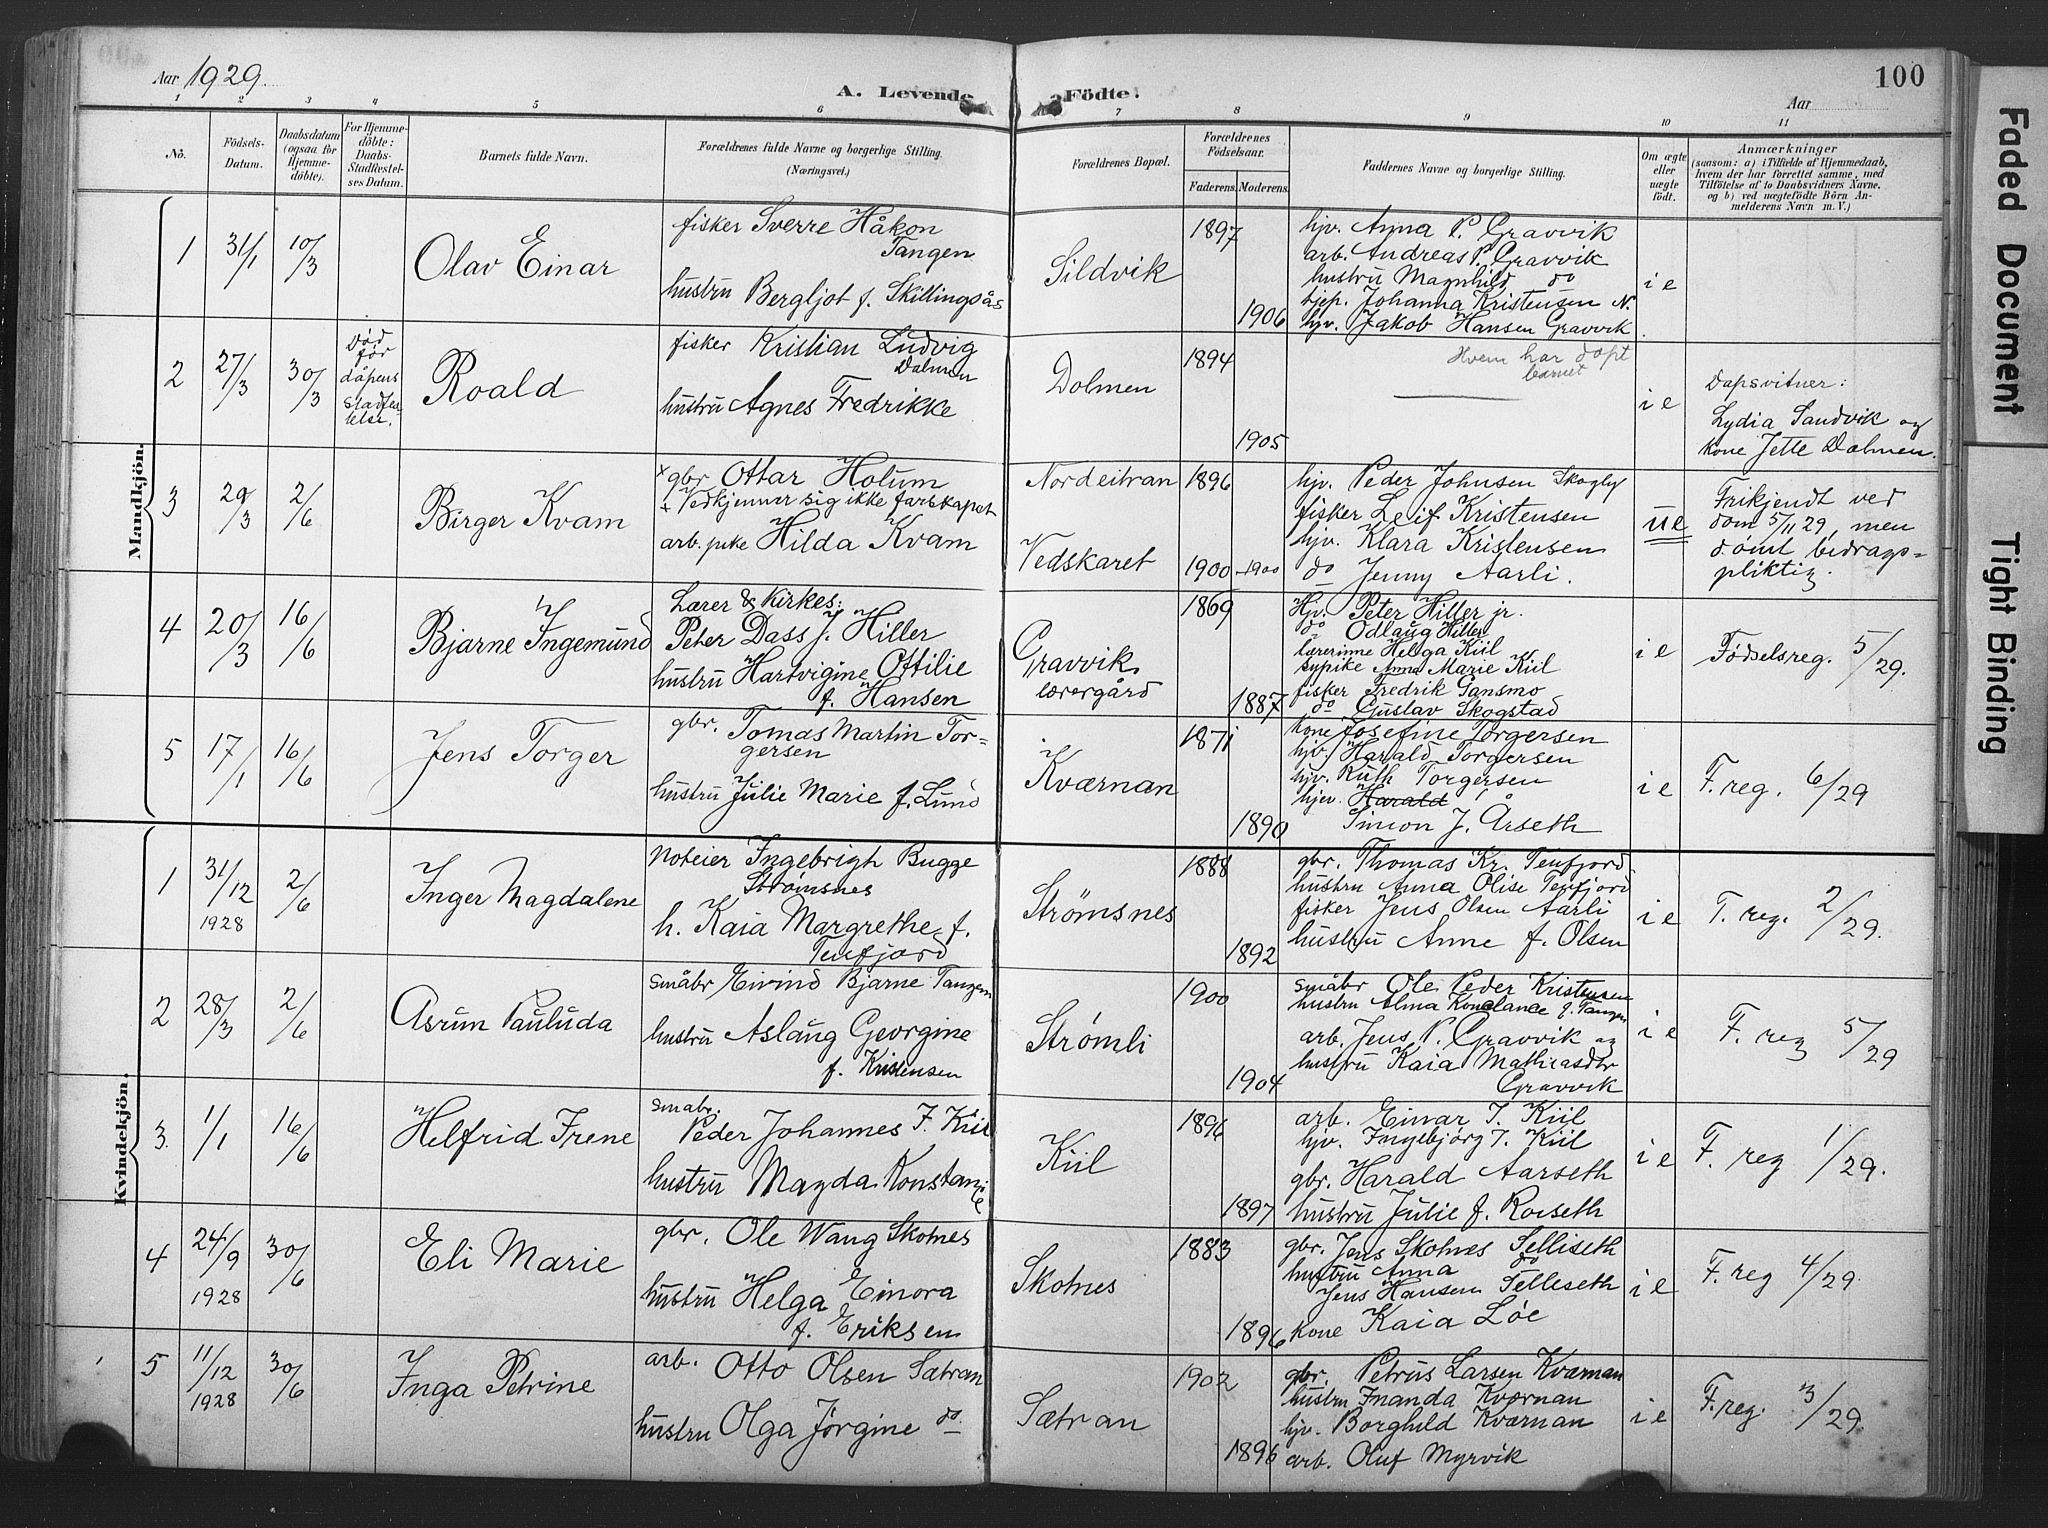 SAT, Ministerialprotokoller, klokkerbøker og fødselsregistre - Nord-Trøndelag, 789/L0706: Klokkerbok nr. 789C01, 1888-1931, s. 100